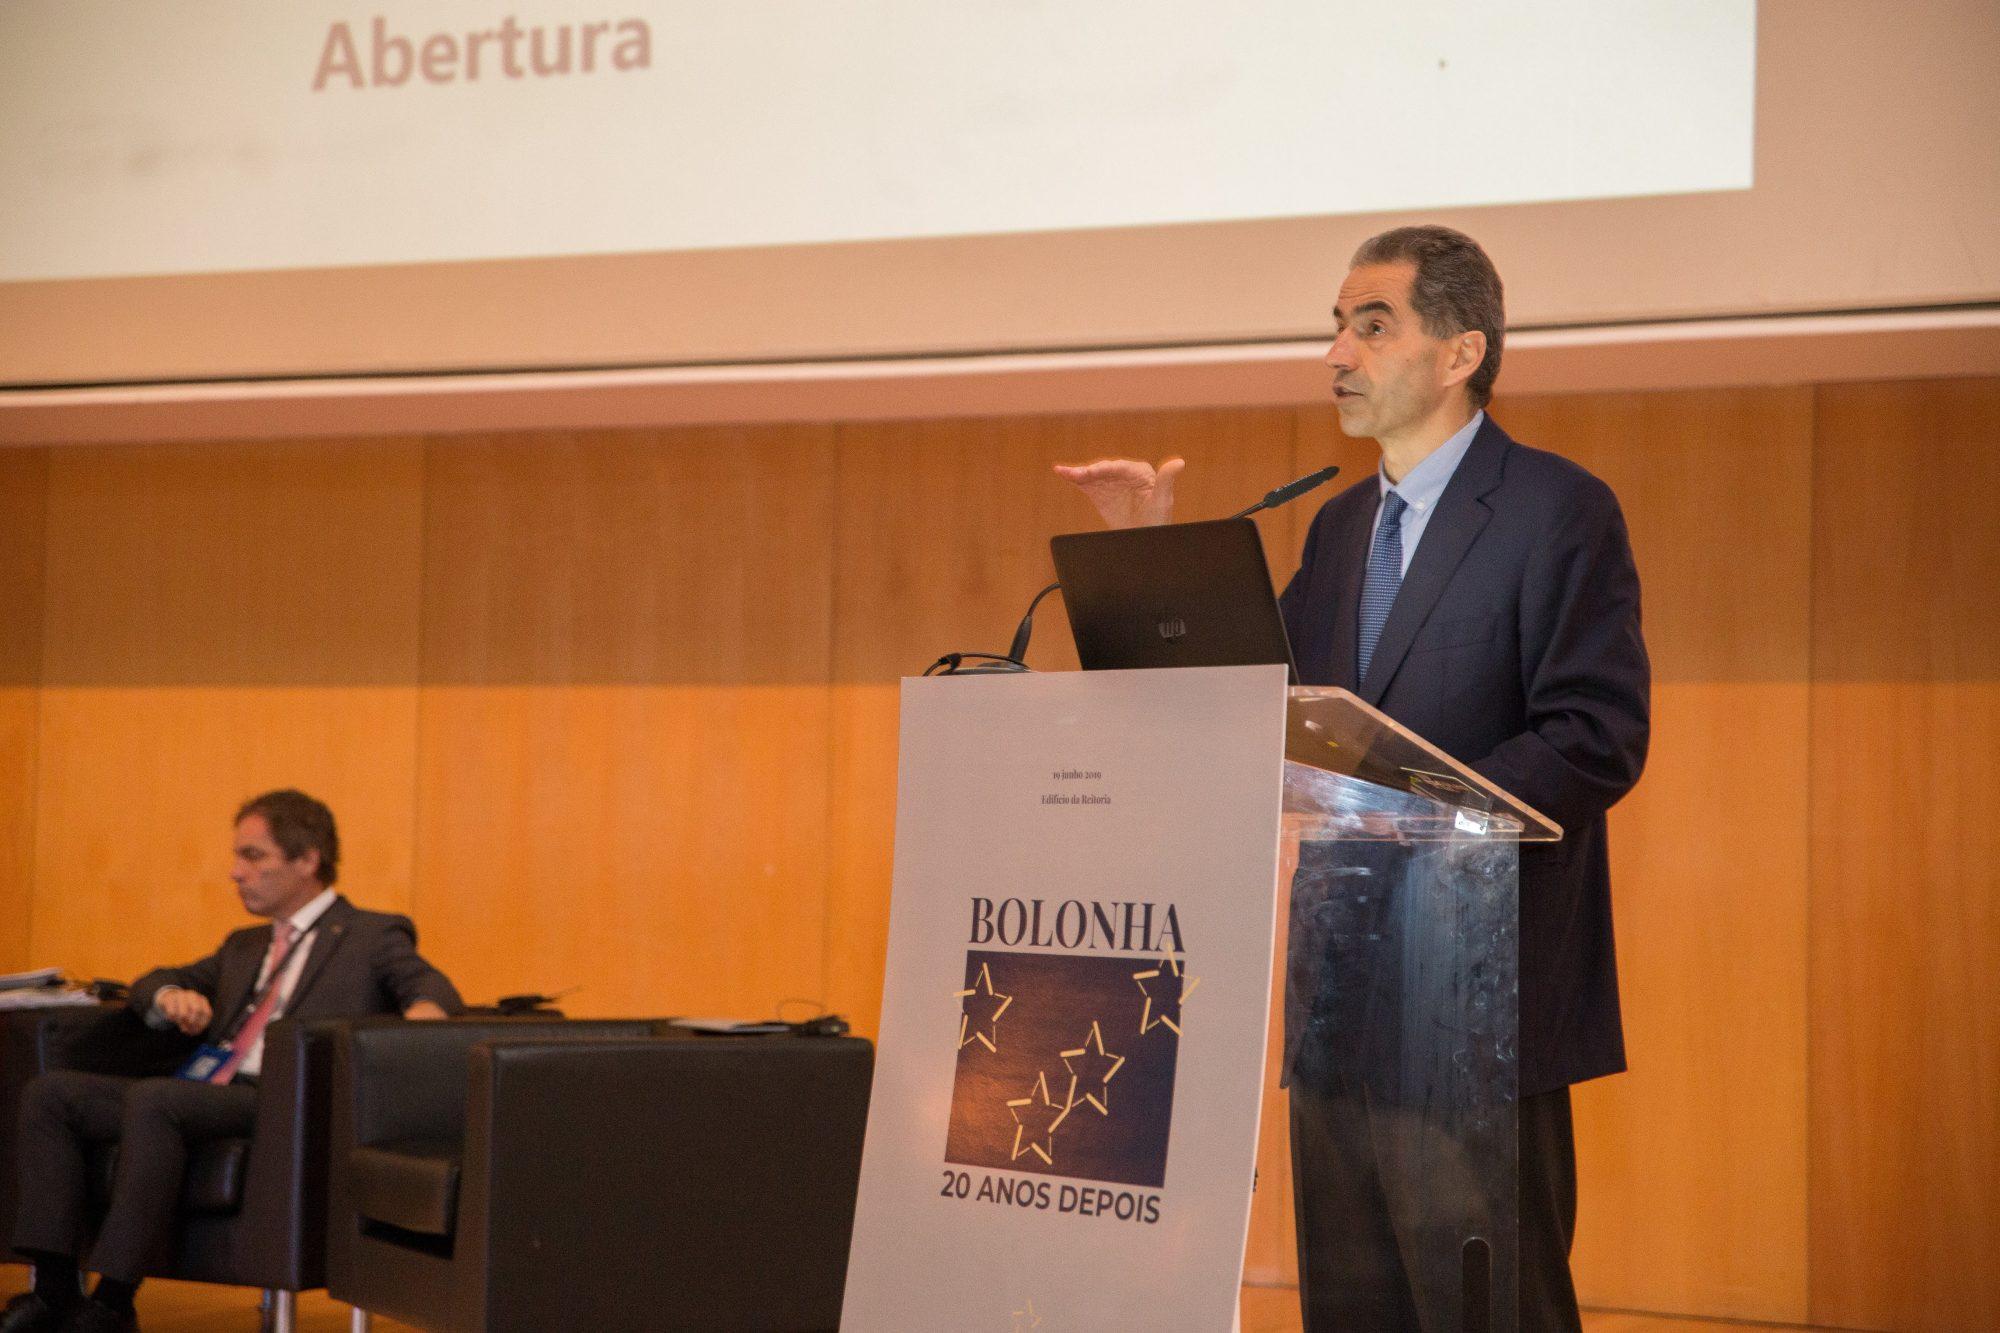 Ministro Manuel Heitor participou na sessão de abertura.